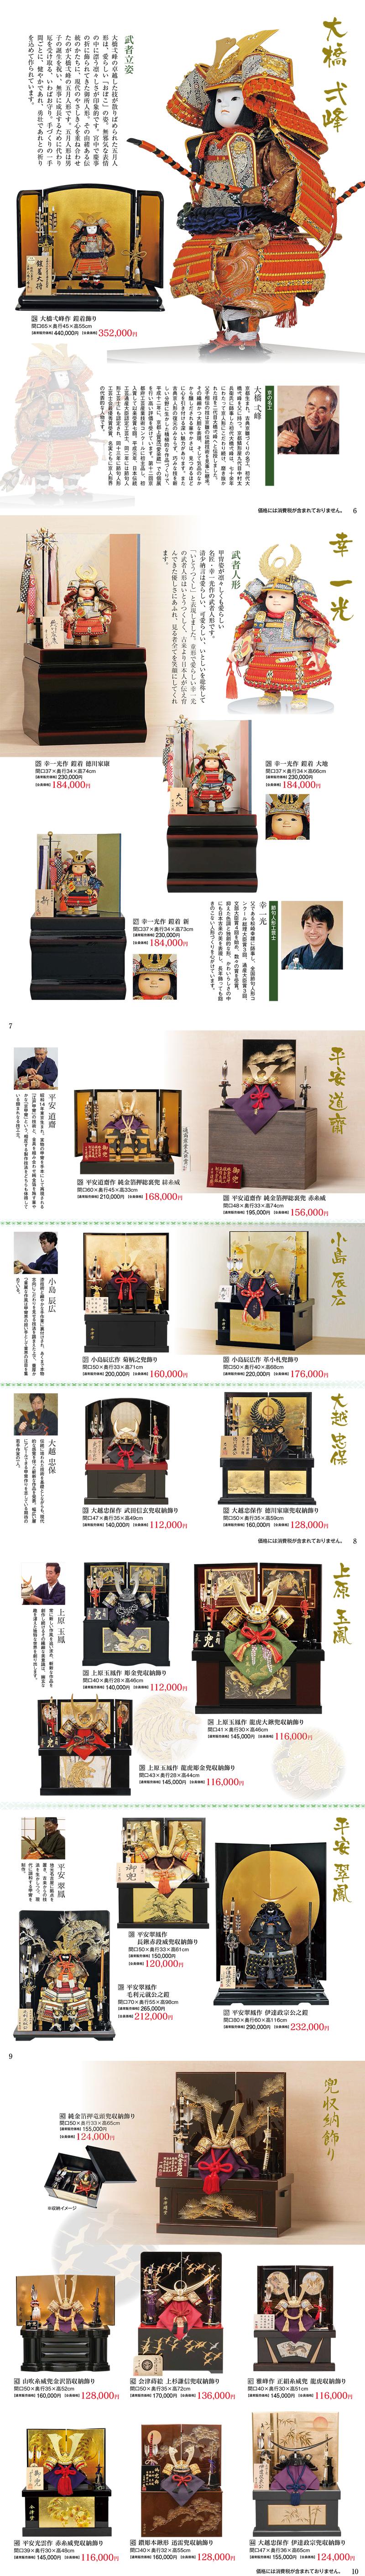 2017年五月人形カタログp.06-p.10